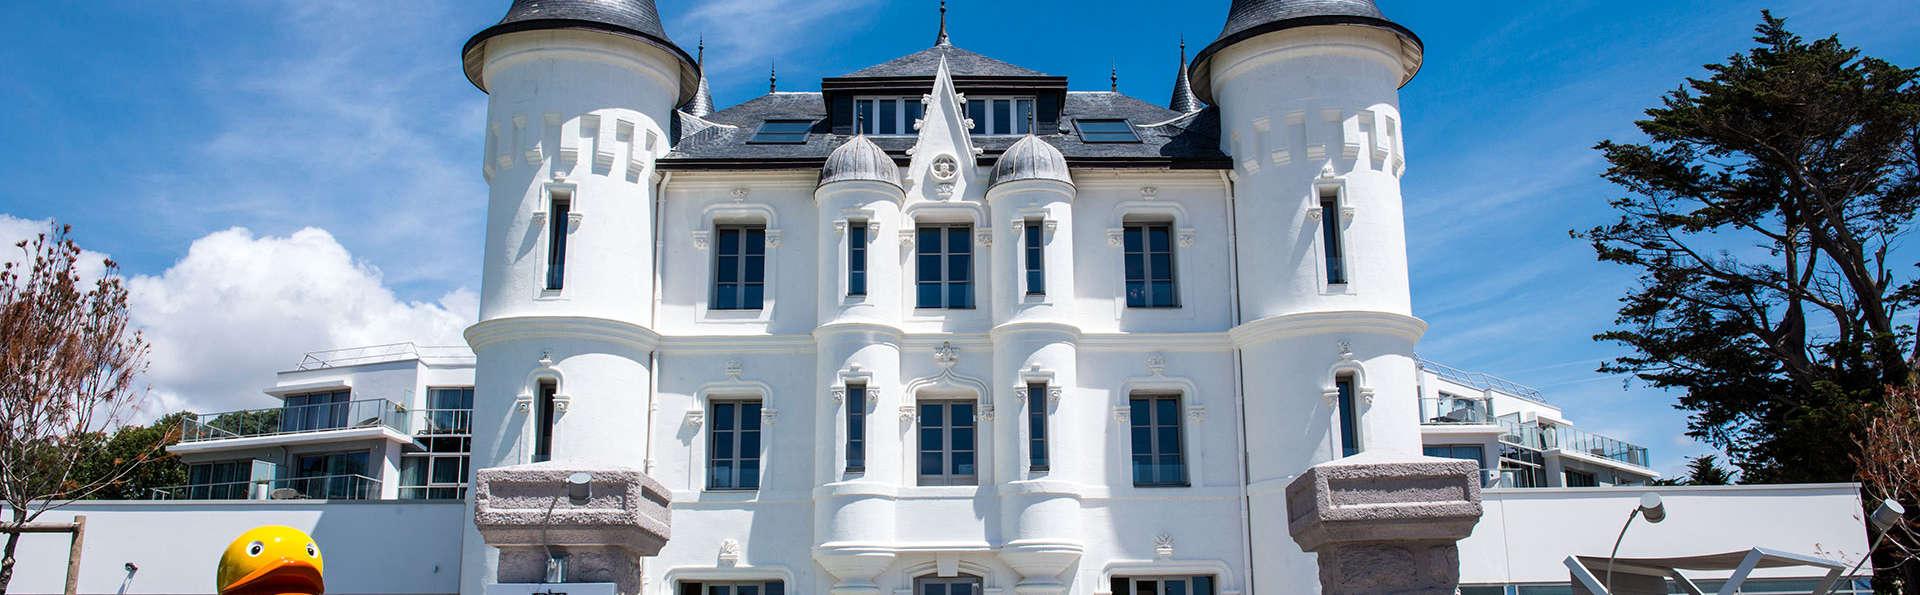 Château des Tourelles Hôtel Thalasso Spa Baie de La Baule - EDIT_front.jpg